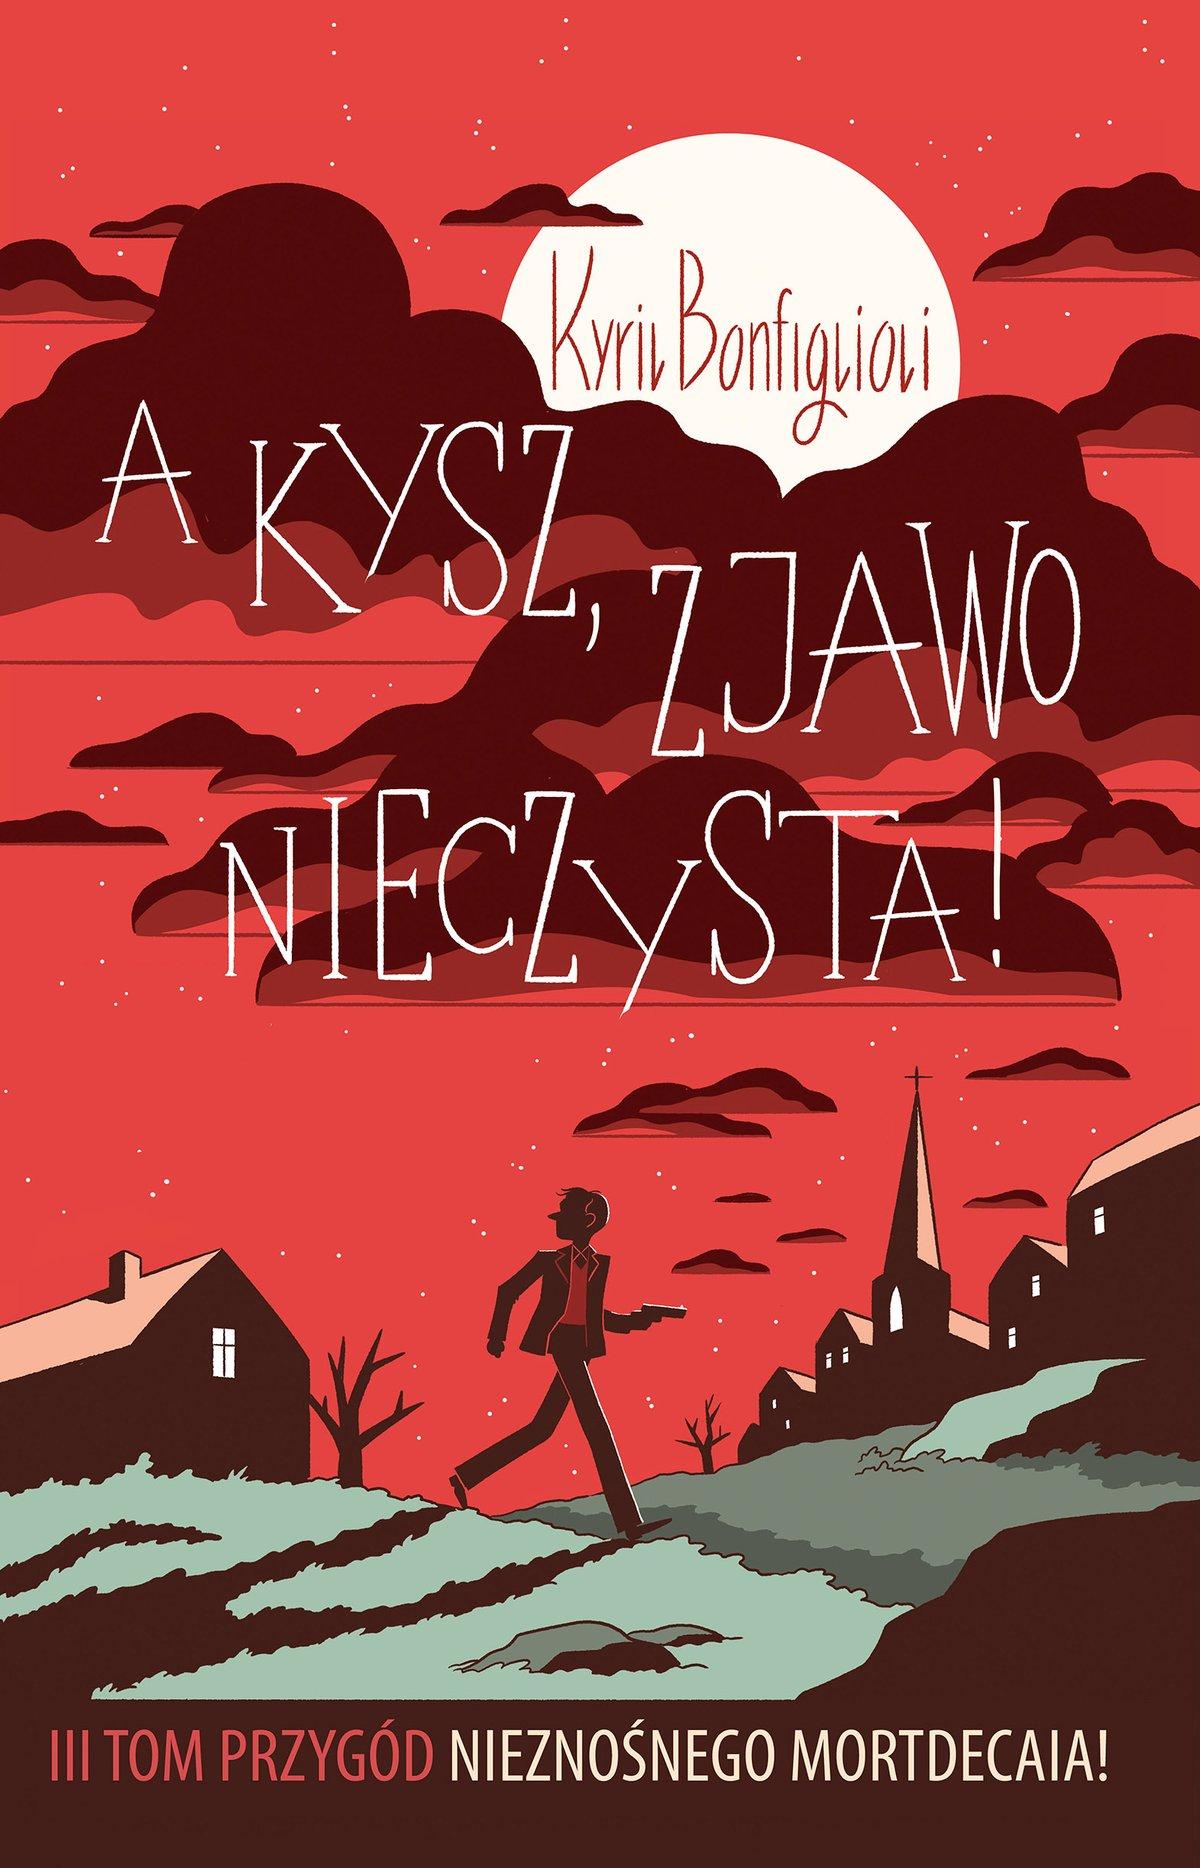 A kysz, zjawo nieczysta! - Ebook (Książka na Kindle) do pobrania w formacie MOBI